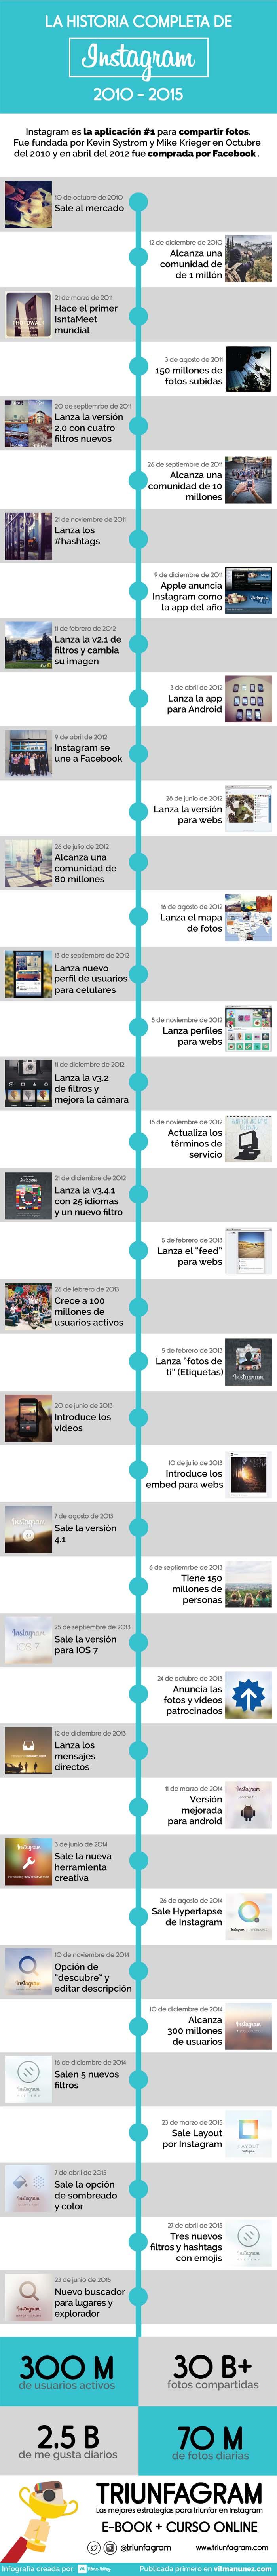 Infografia Vida e historia de Instagram